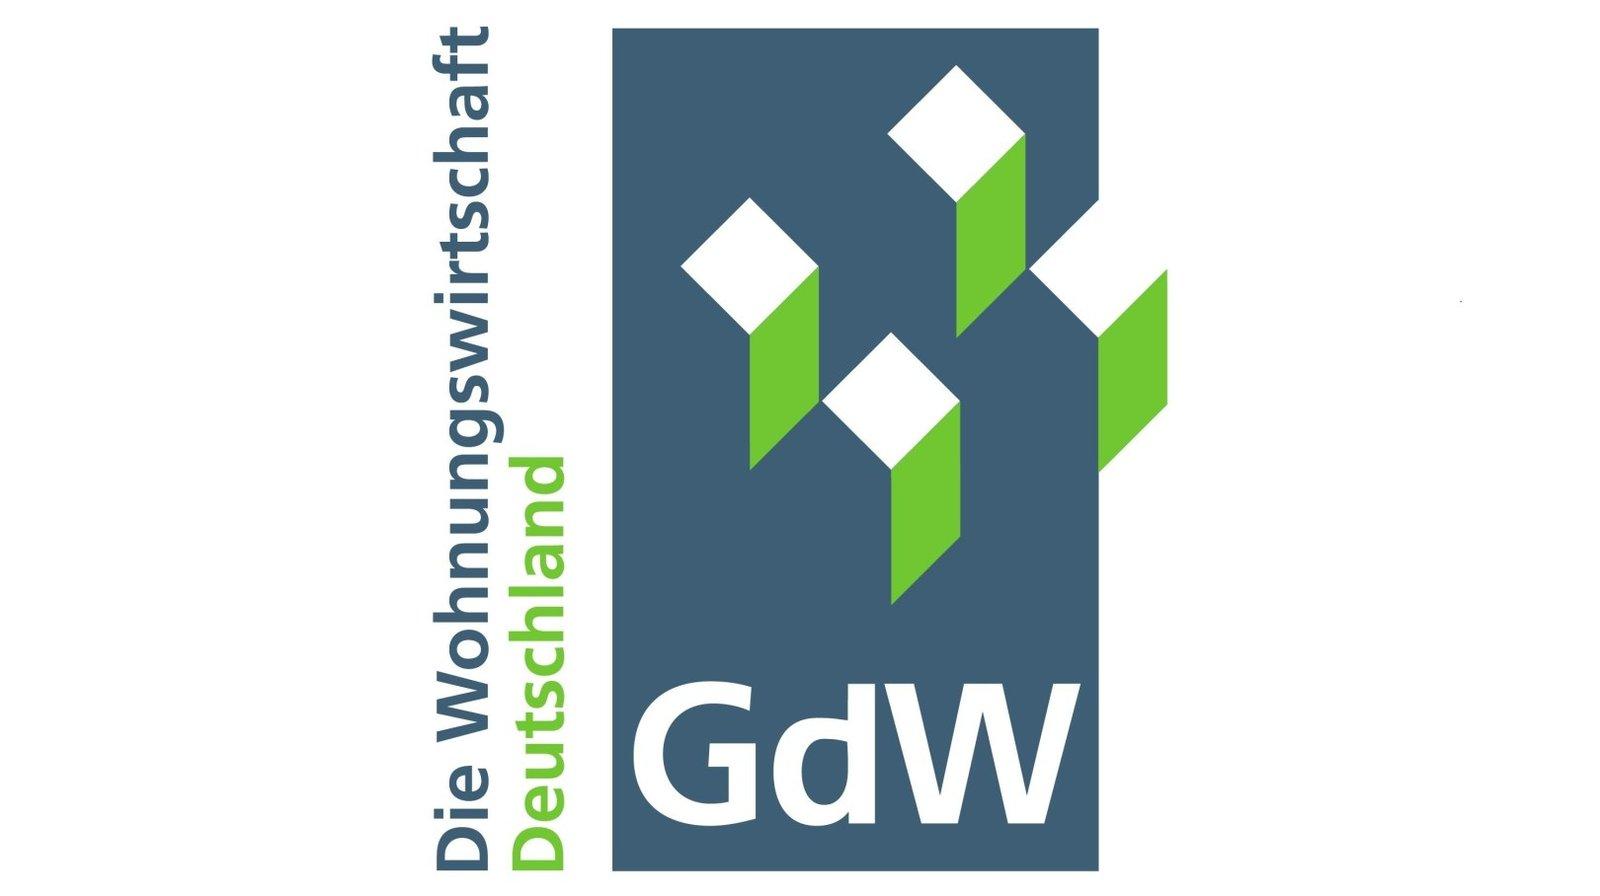 gdw_logo_print_magazin-e1529340762409